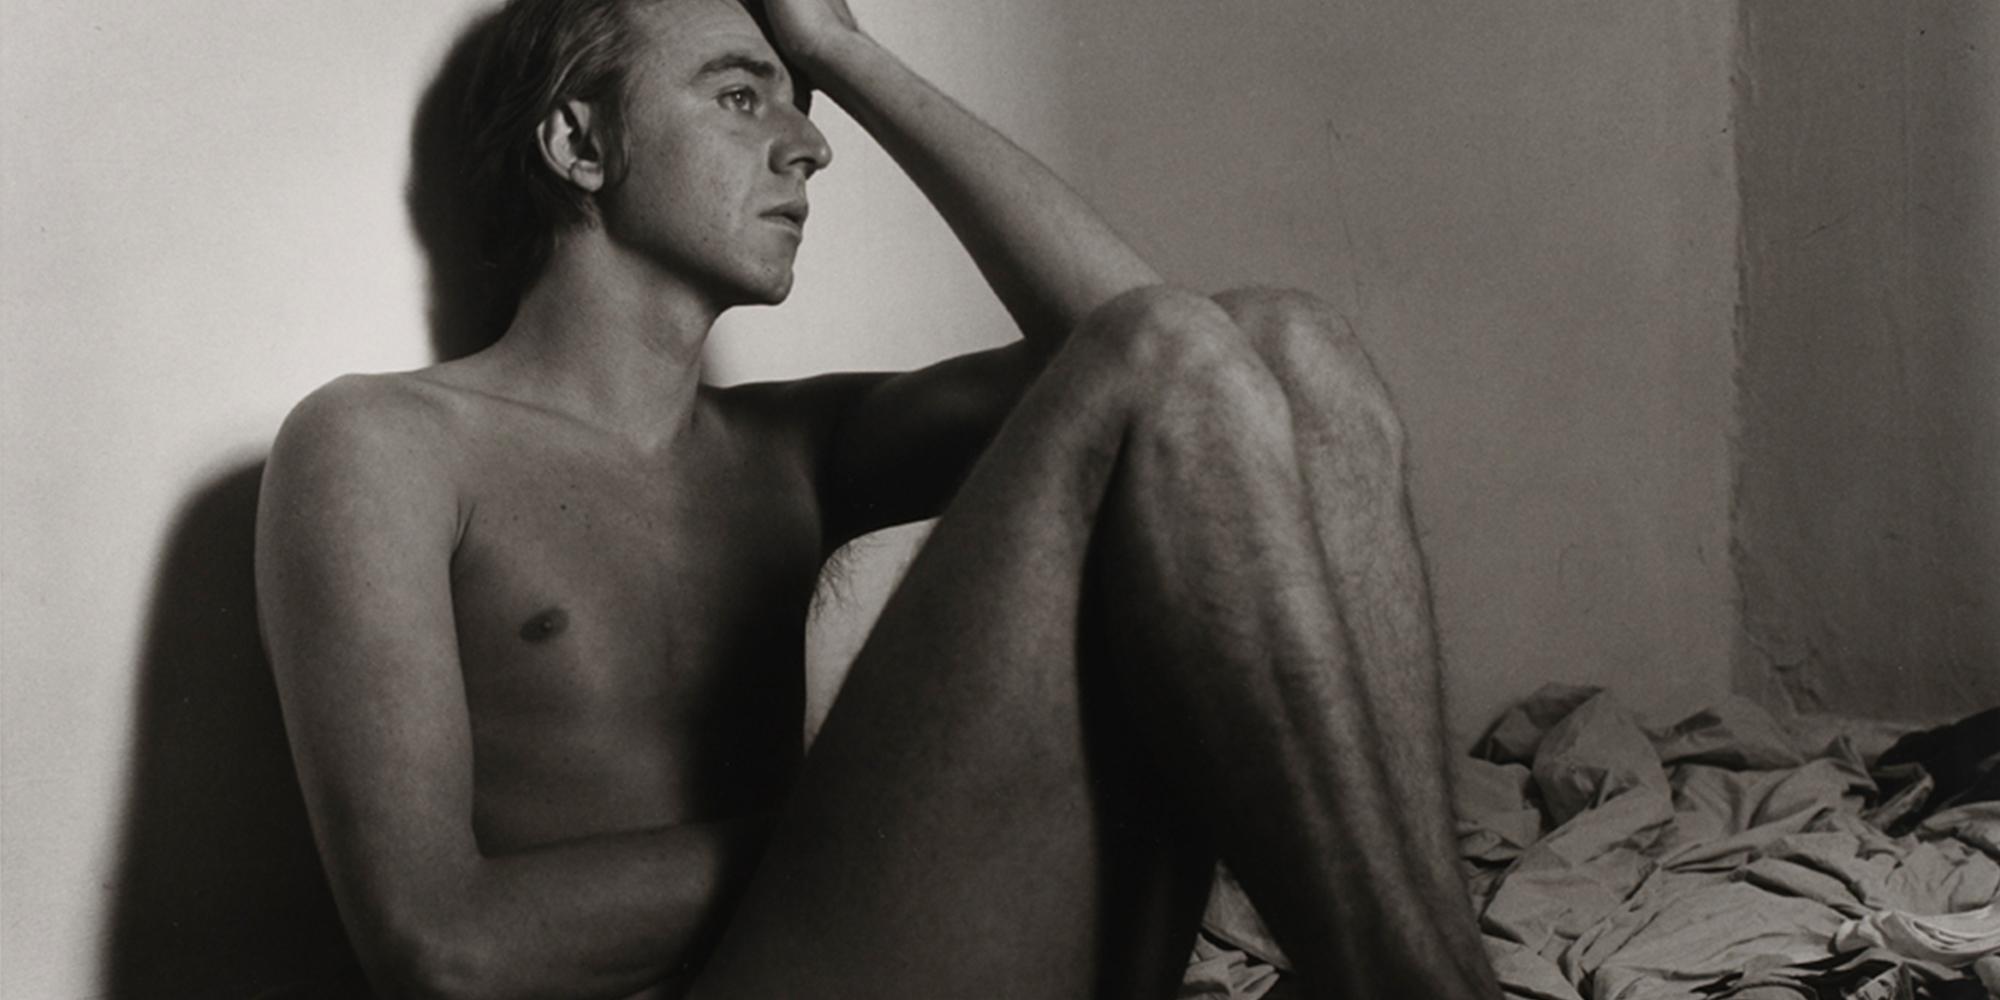 Фотограф Питер Худжар показывает геев, дрэг-квин и квир-фриков Нью-Йорка семидесятых